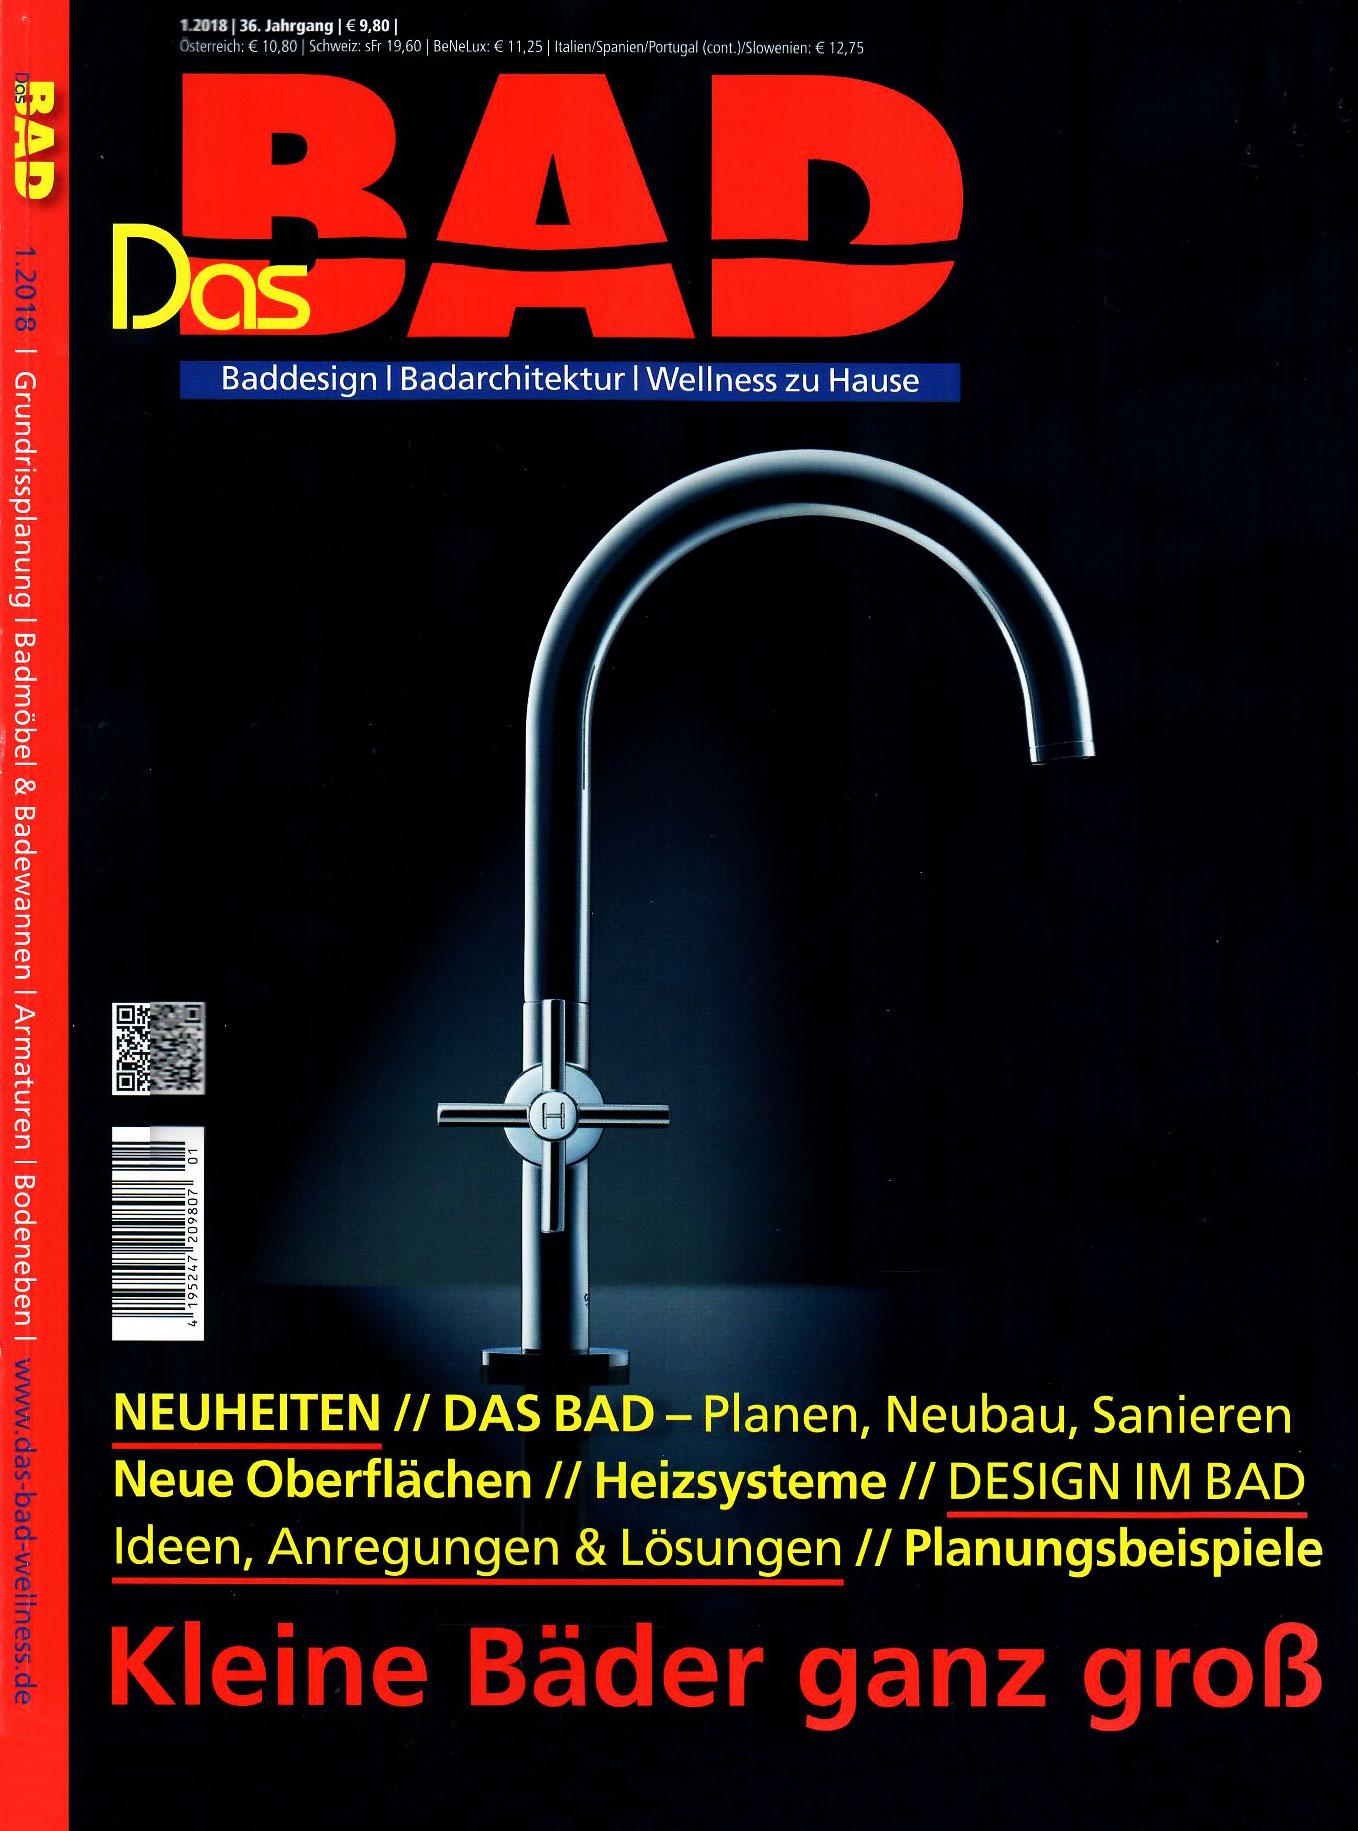 Bad Design Zeitschrift böhm badezimmer in der zeitschrift das bad böhm naturstein